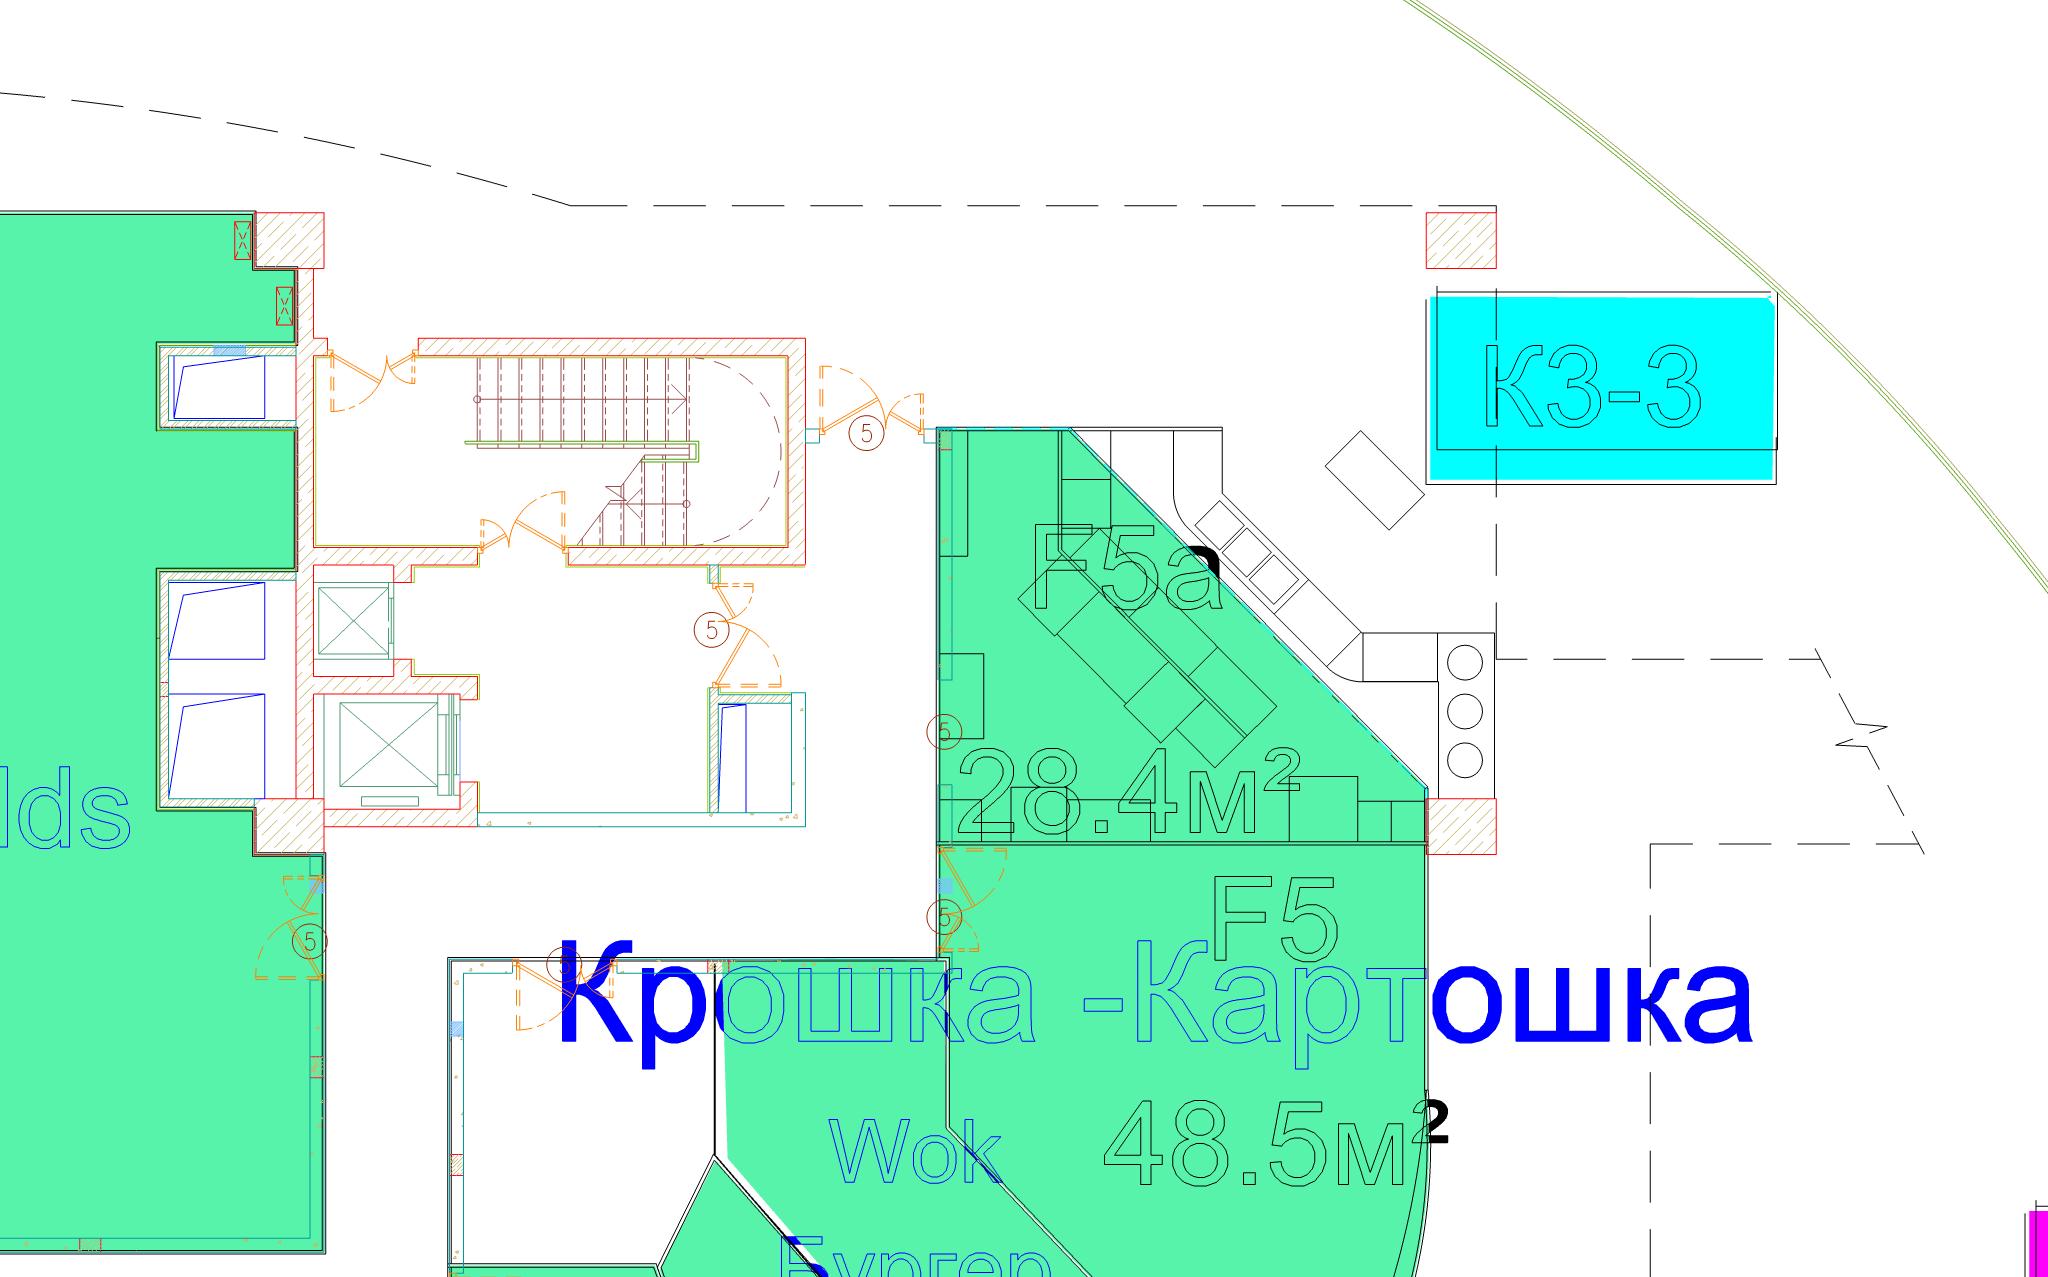 Расстановка оборудования, схема размещения кафетерия в ТЦ